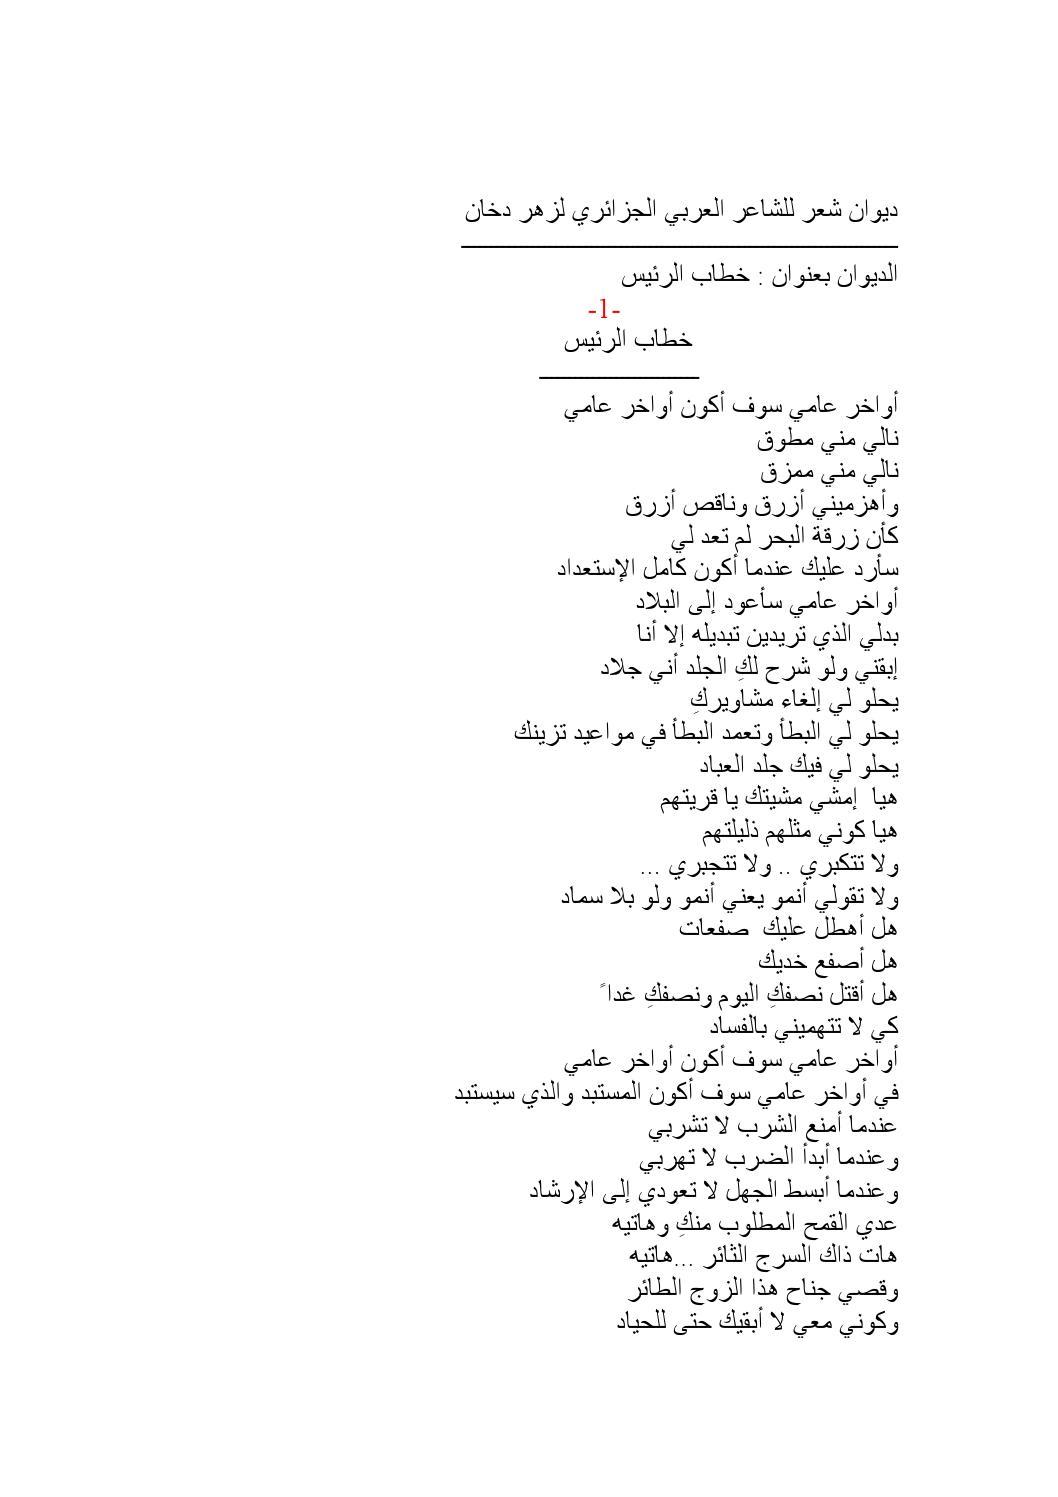 خطاب الرئيس ديوان شعر للشاعر العربي الجزائري لزهر دخان By